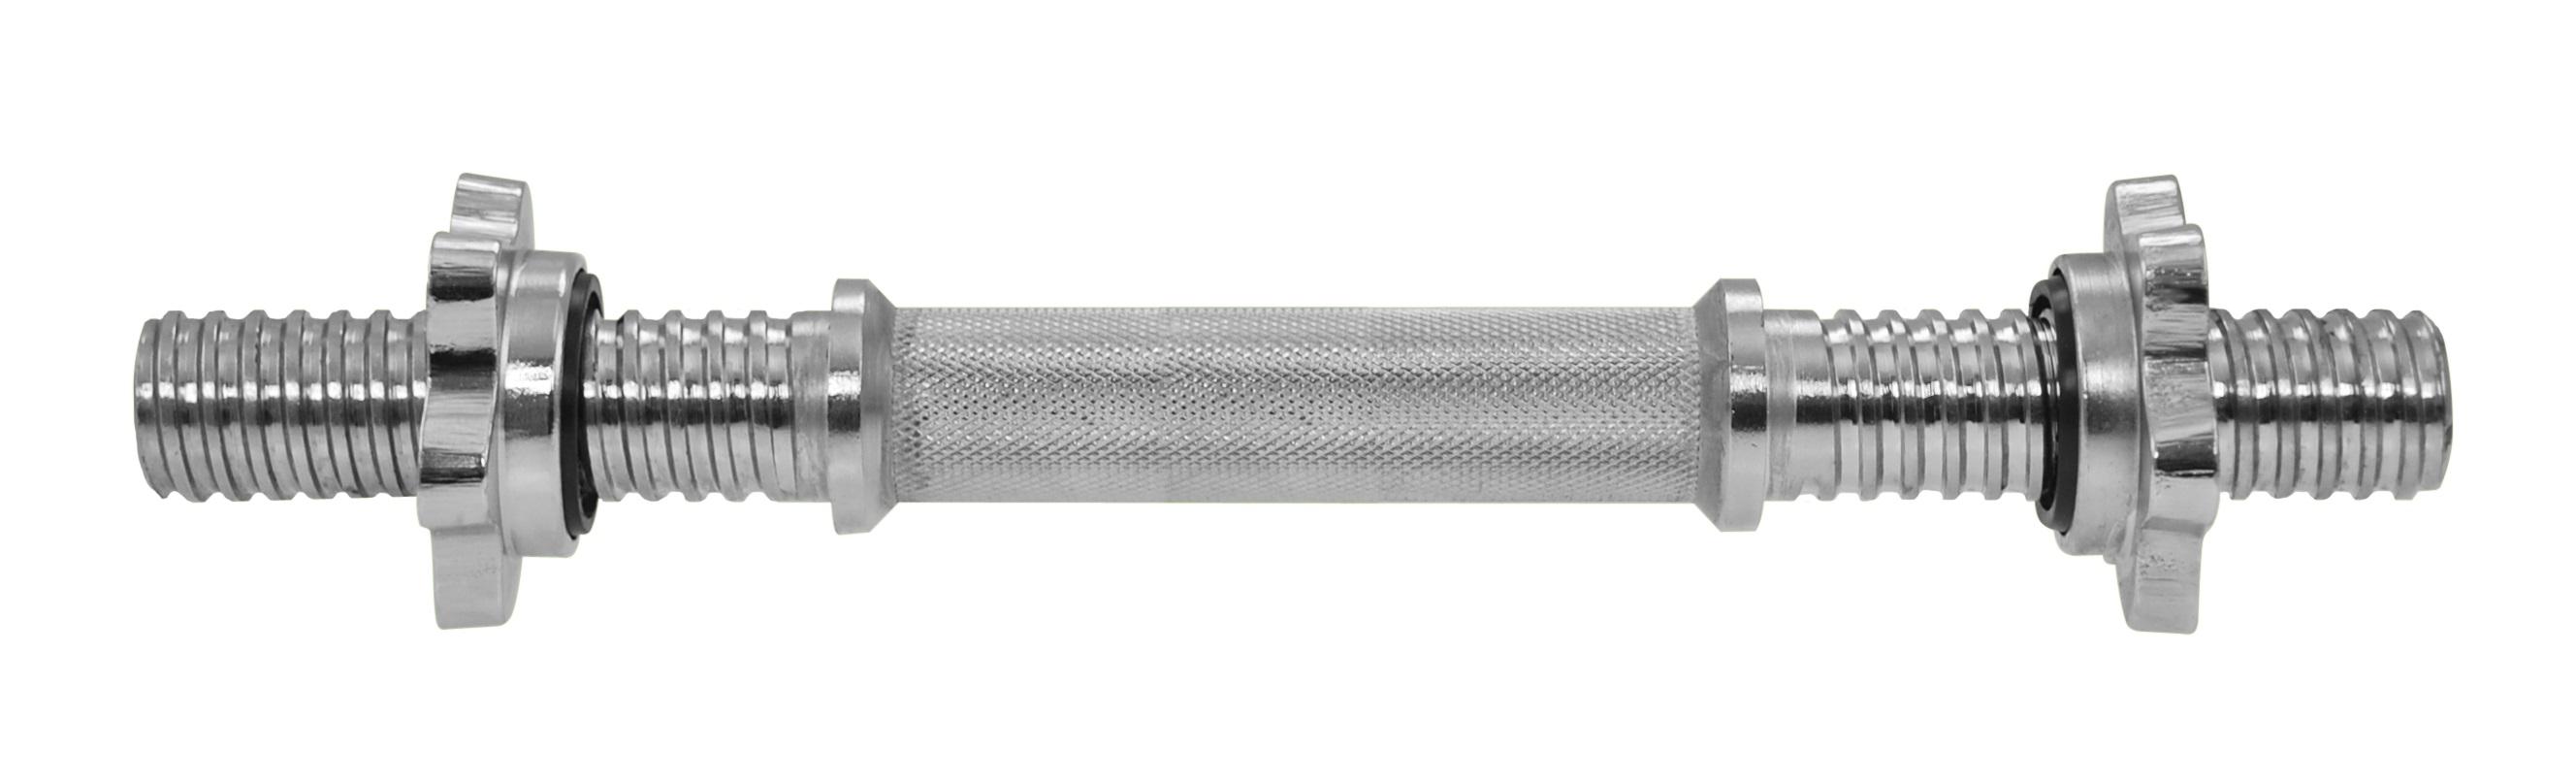 Hřídel na jednoruční činku LIFEFIT 35cm / 30mm vč. matic